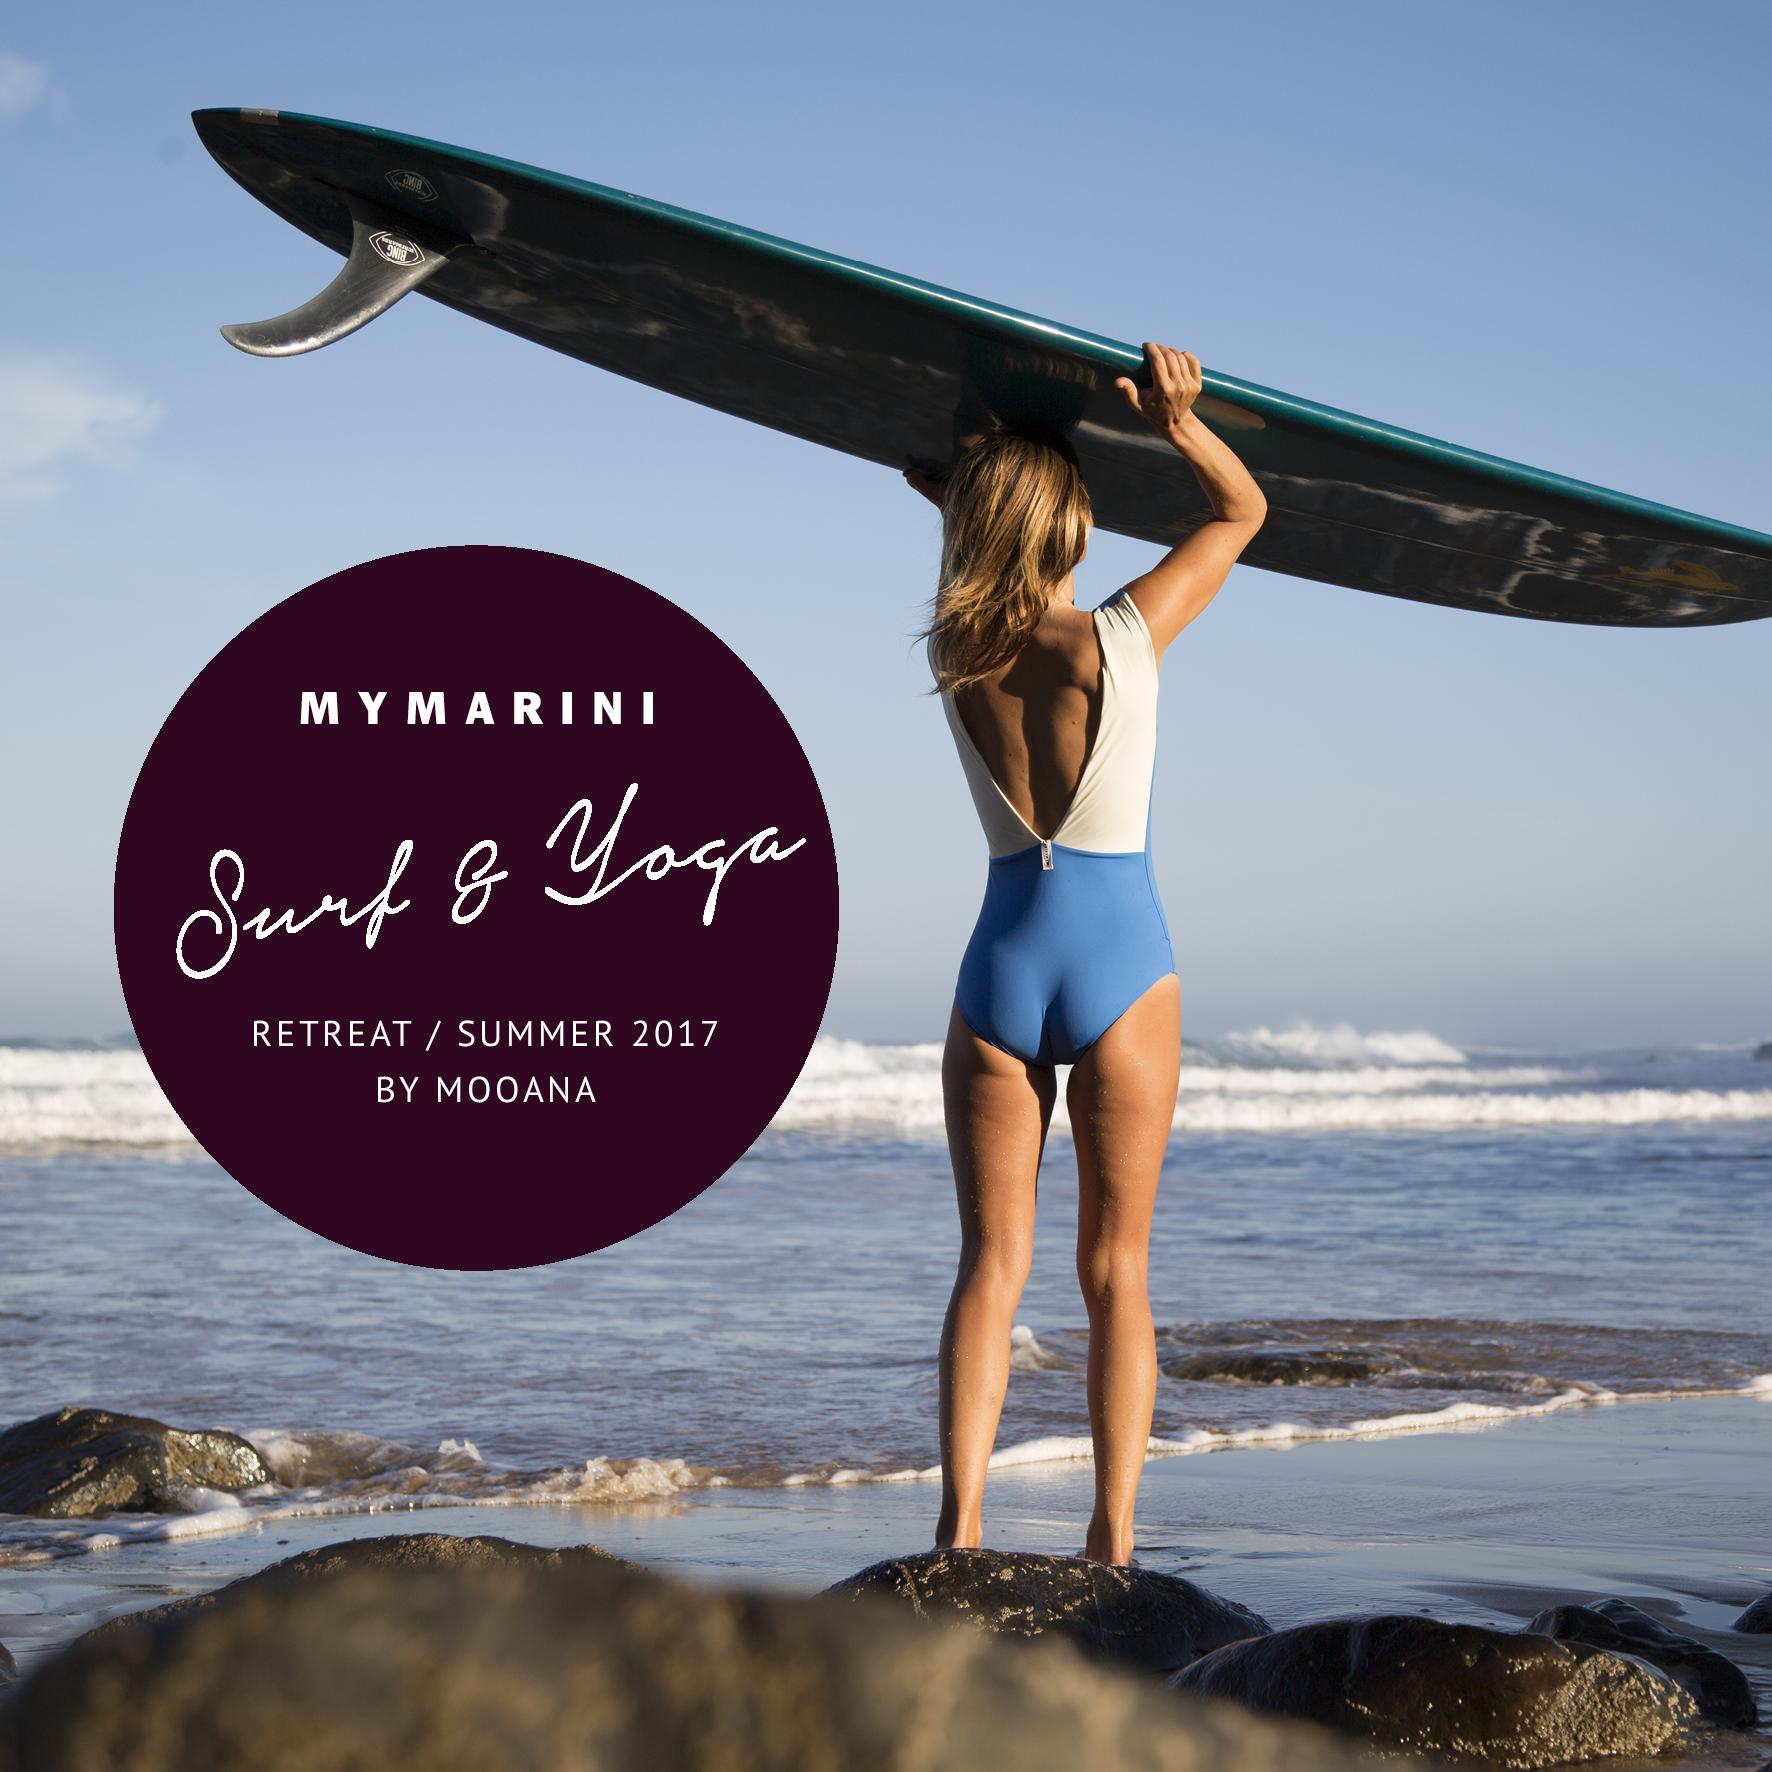 mymarini-surf-yoga-retreat-Instagram3.jpeg